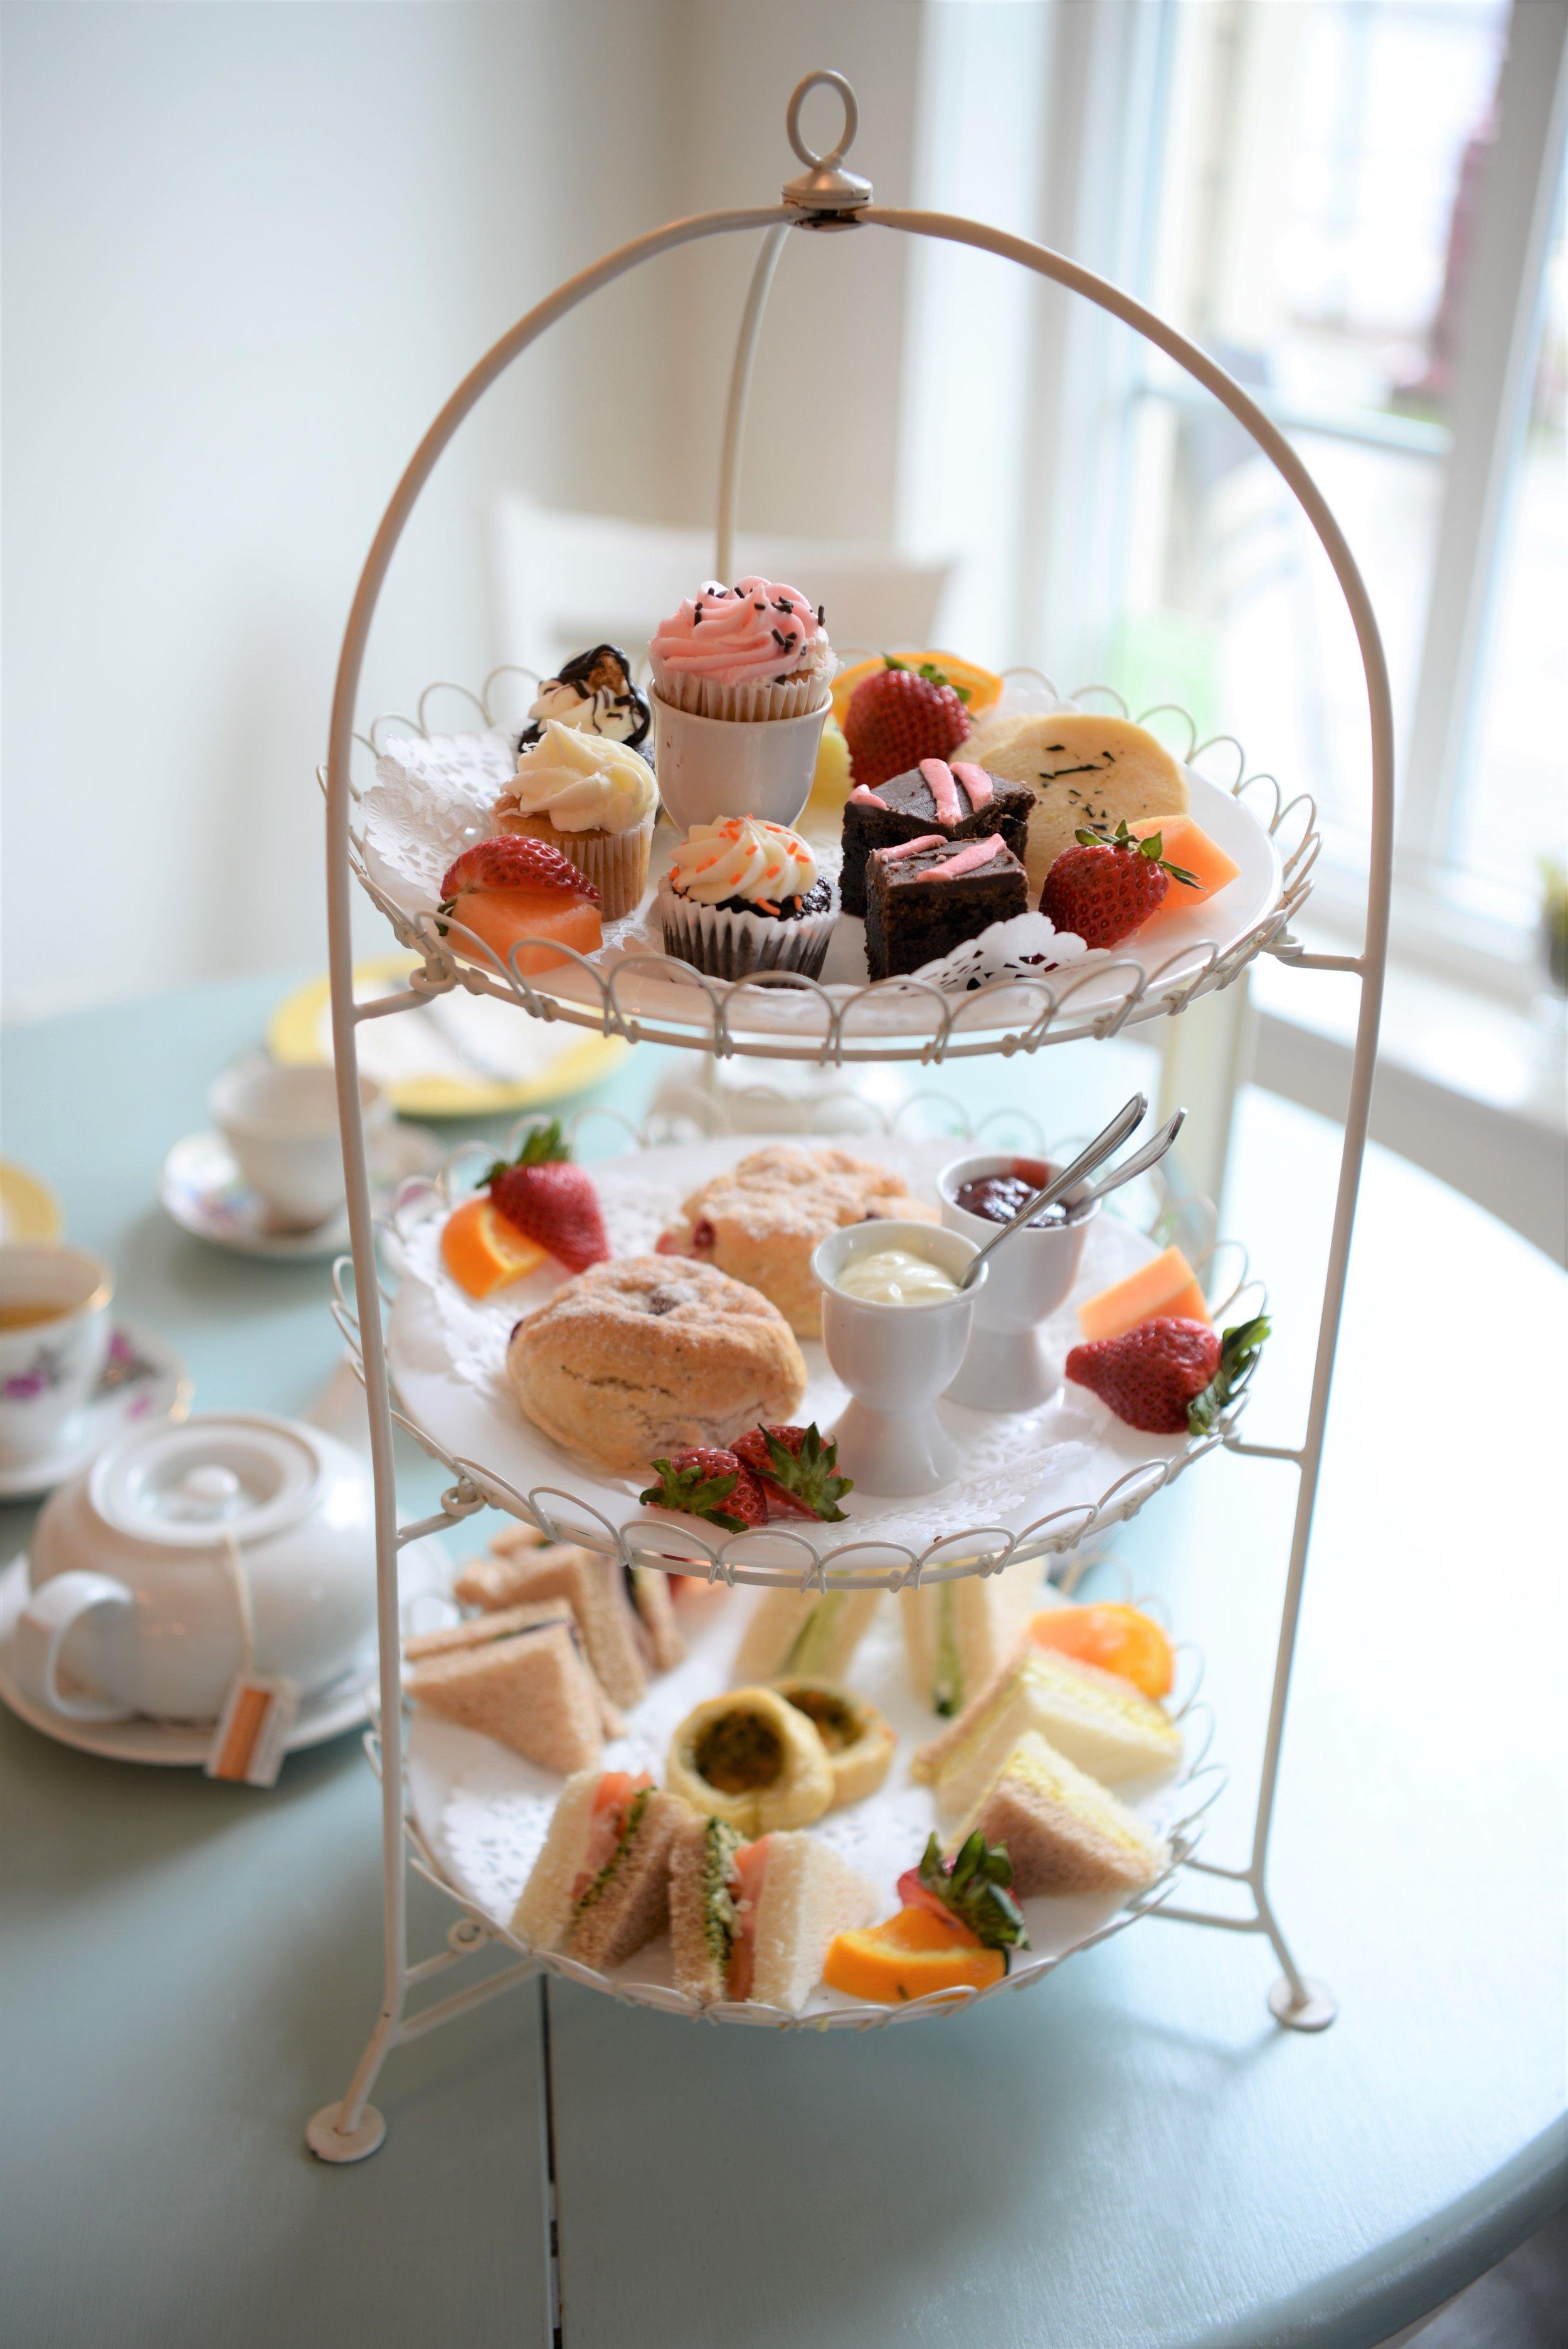 tracycakes abbotsford high tea